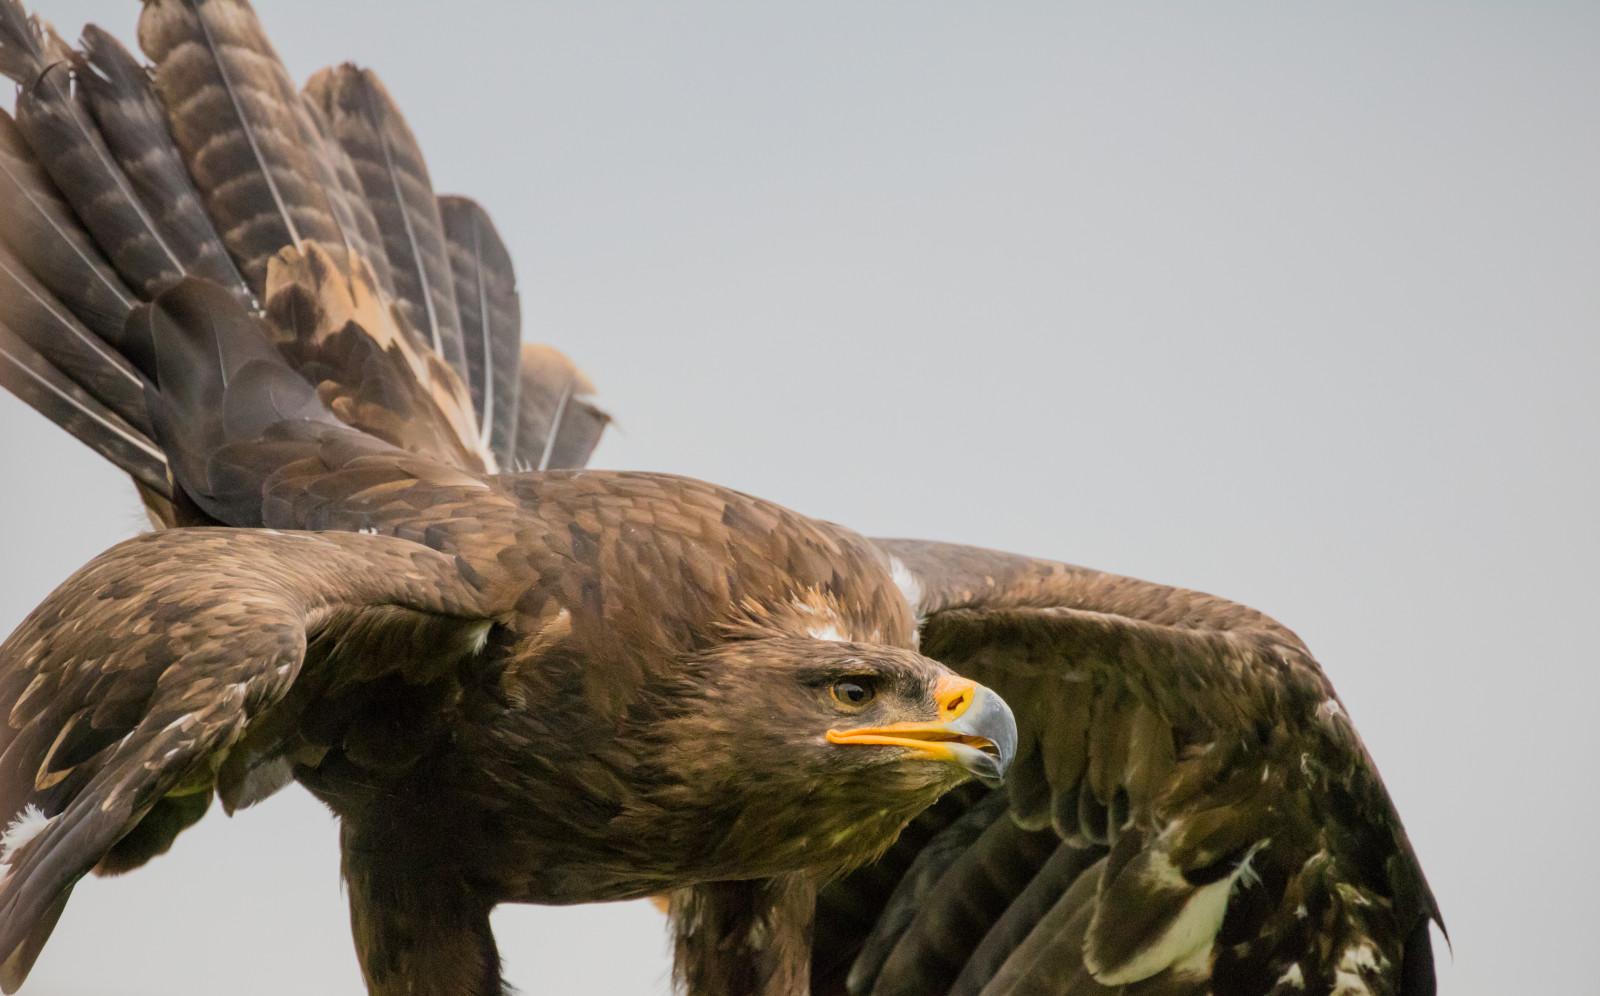 трудно строить соколы ястребы и орлы хищные птицы фото чаще всего все